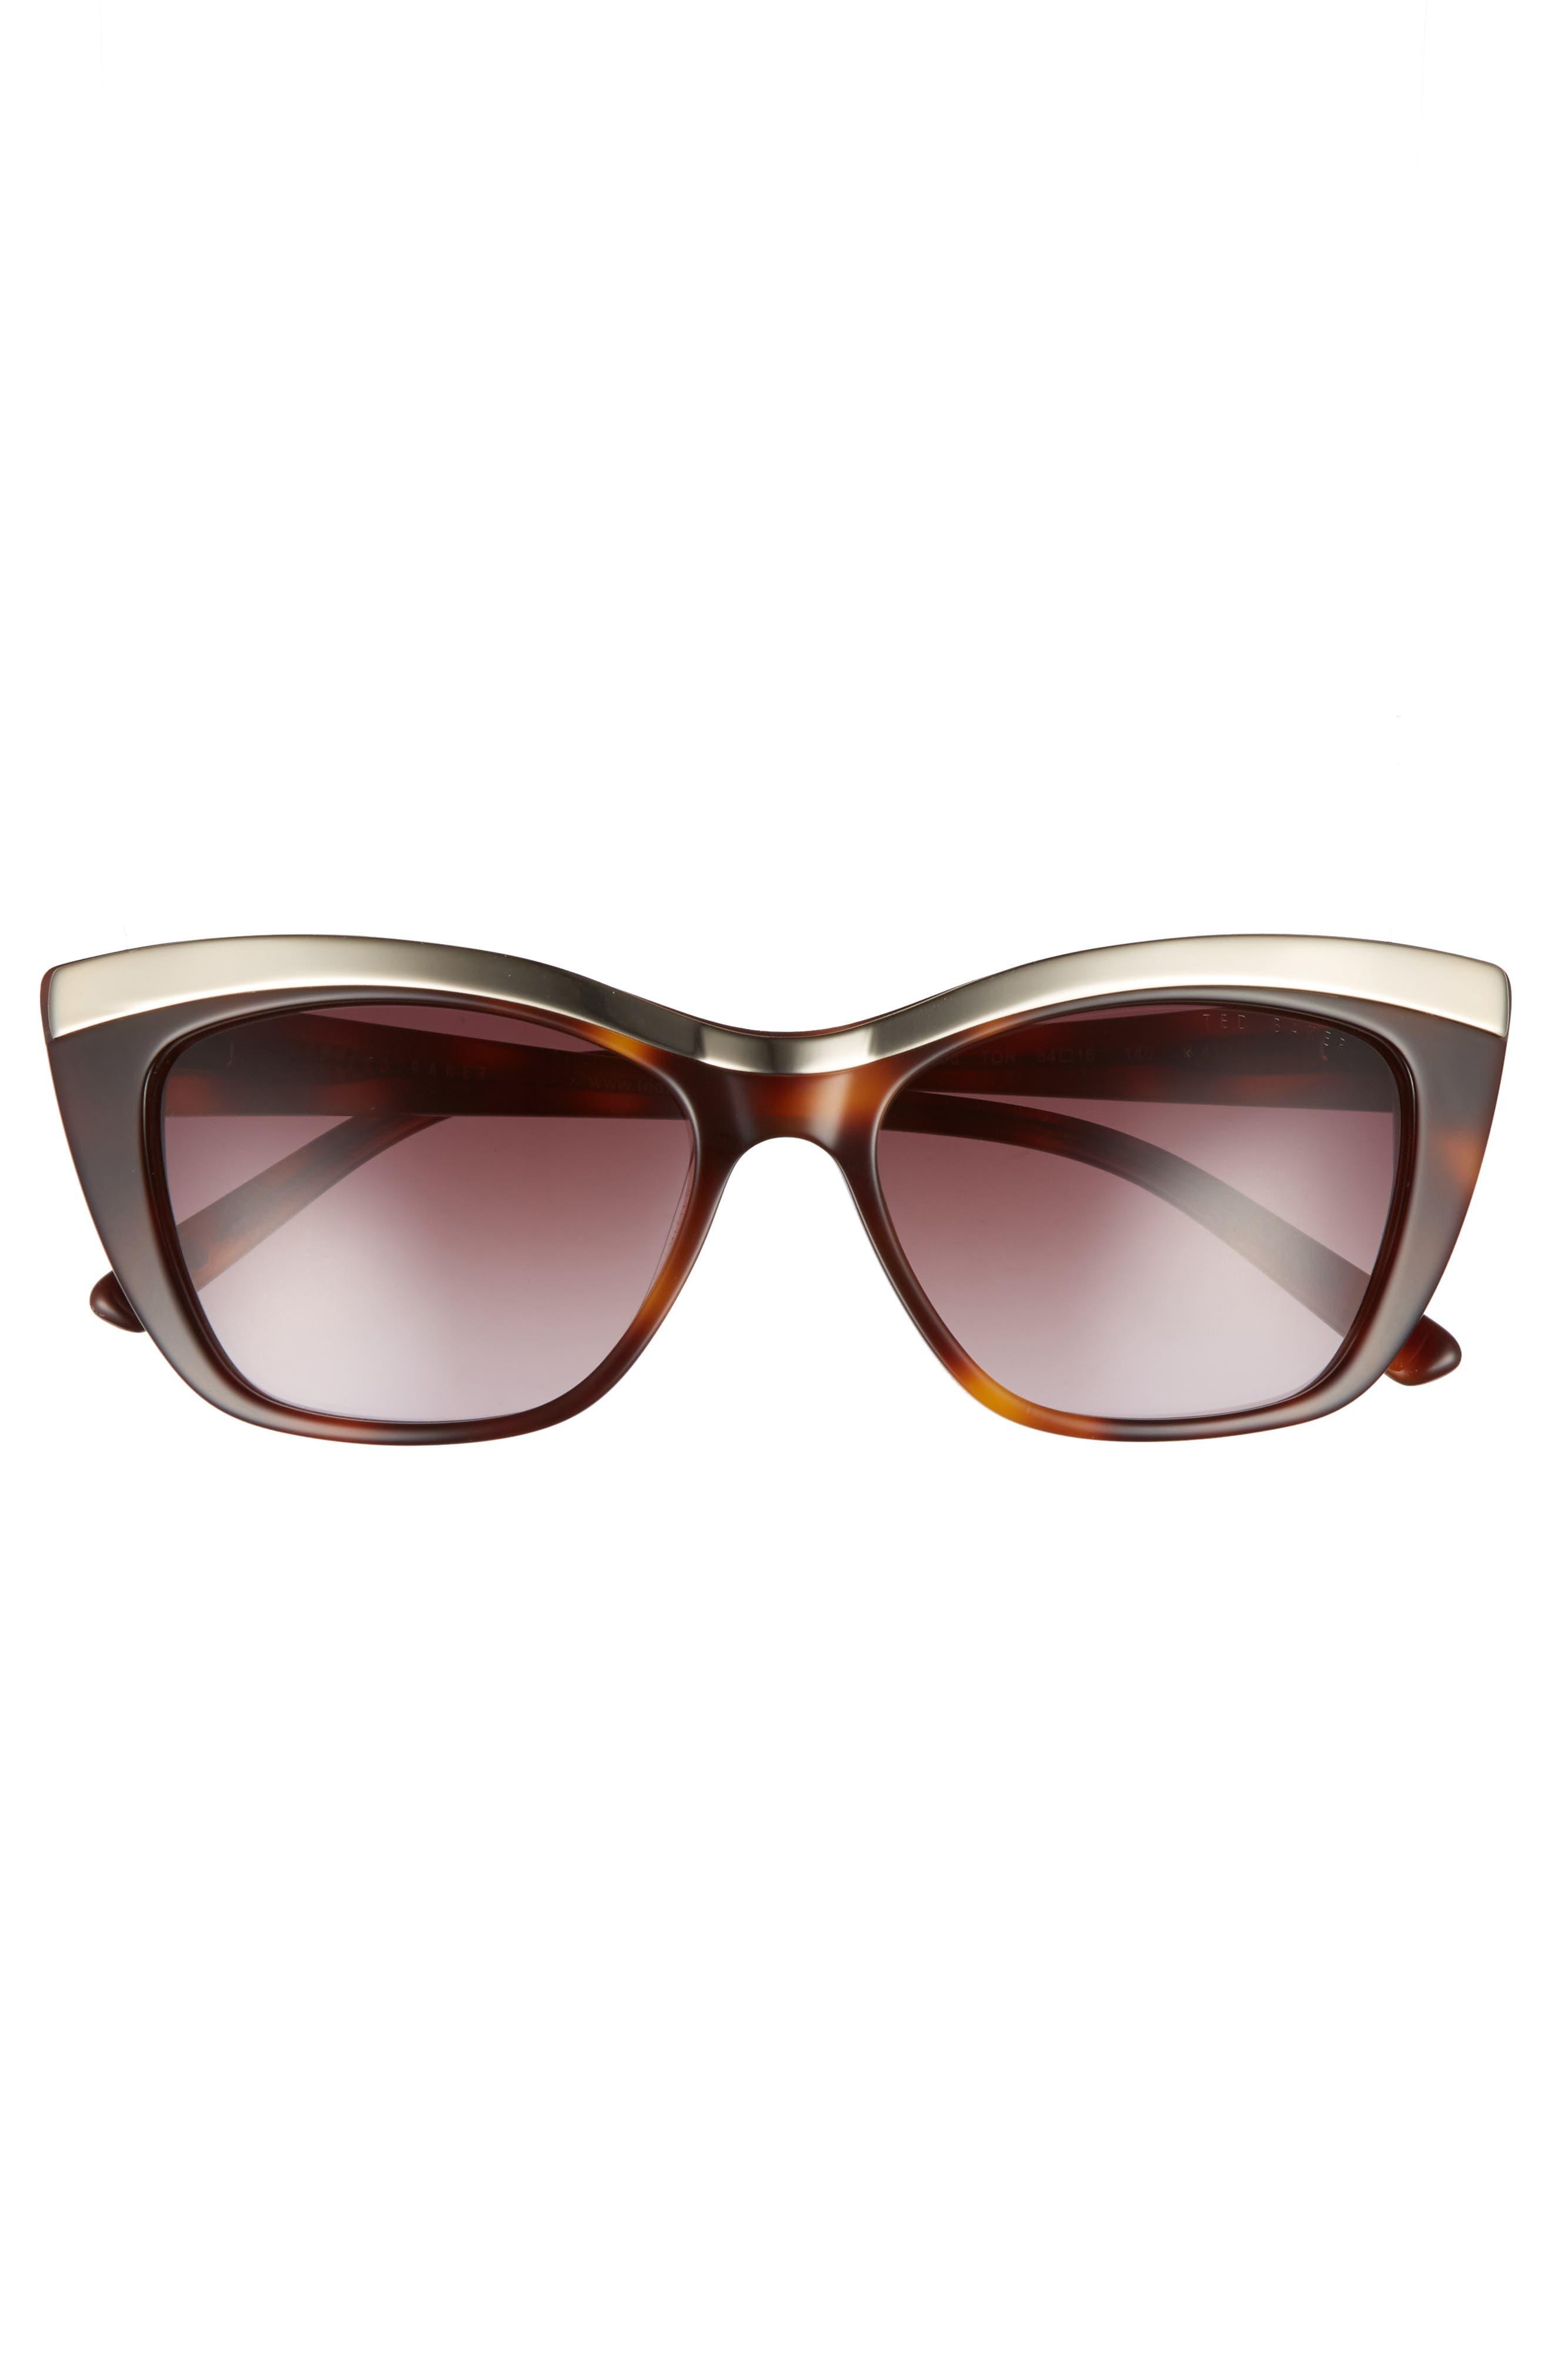 54mm Rectangle Cat Eye Sunglasses,                             Alternate thumbnail 3, color,                             Tortoise